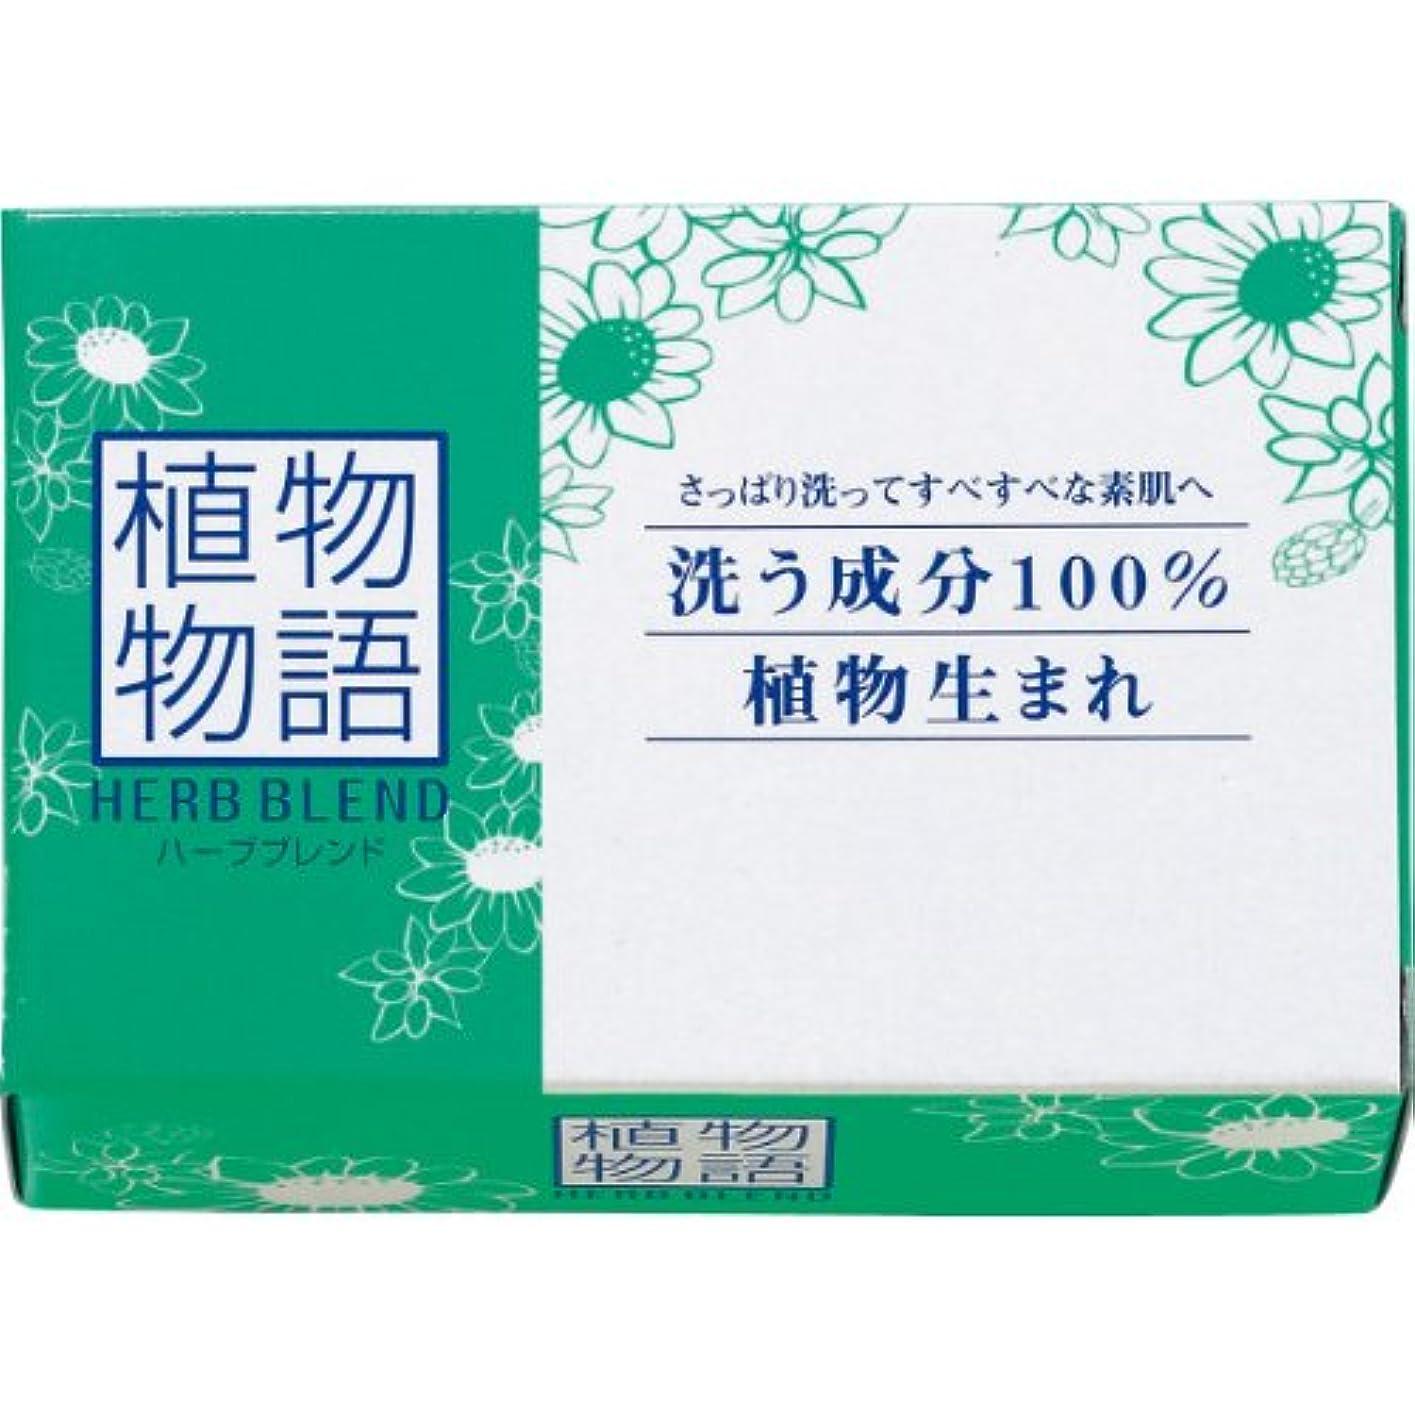 保守可能程度封筒【ライオン】植物物語ハーブブレンド 化粧石鹸 80g